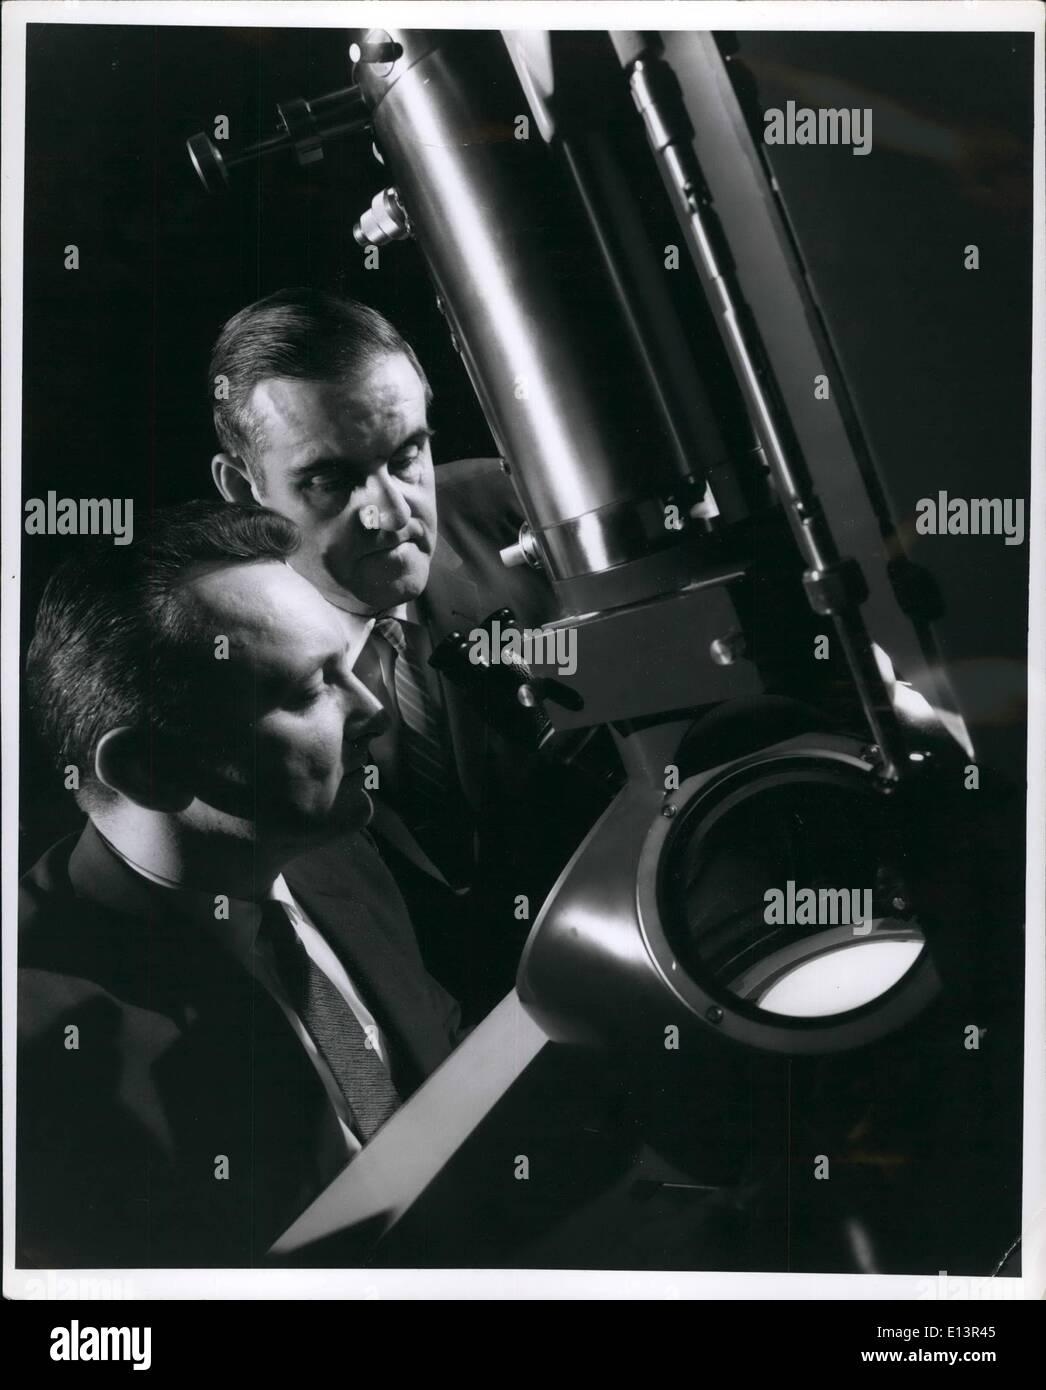 Mar 22, 2012 - utilizzando questo altamente avanzata microscopio elettronico, Dott. Victor un cacciavite Phillips a destra il sig. John A. Hugo, del Generale e Immagini Stock